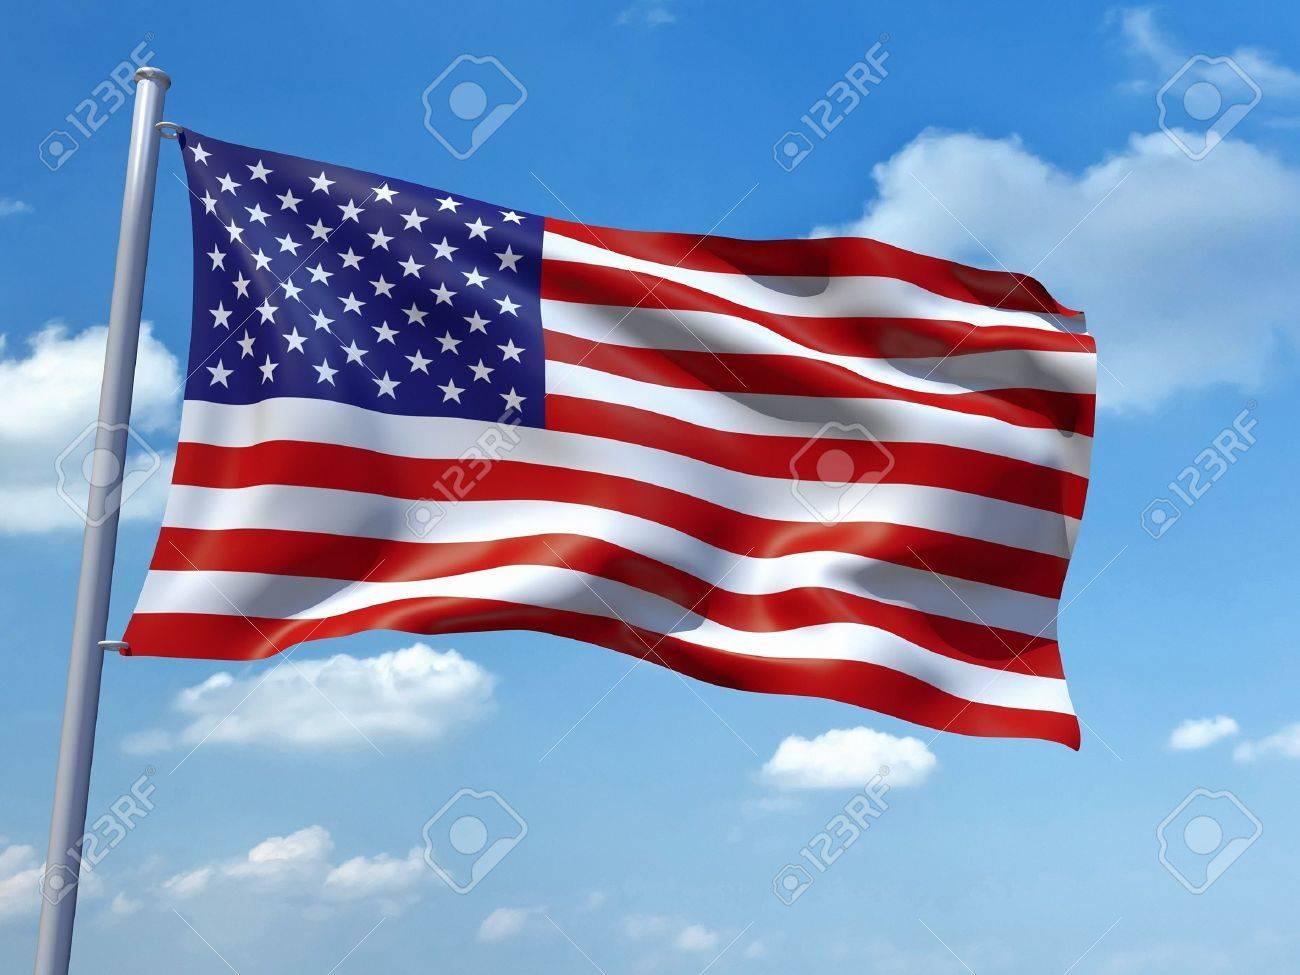 Una Imagen De La Bandera De Estados Unidos De América En El Cielo Azul  Fotos, Retratos, Imágenes Y Fotografía De Archivo Libres De Derecho. Image  9133647.